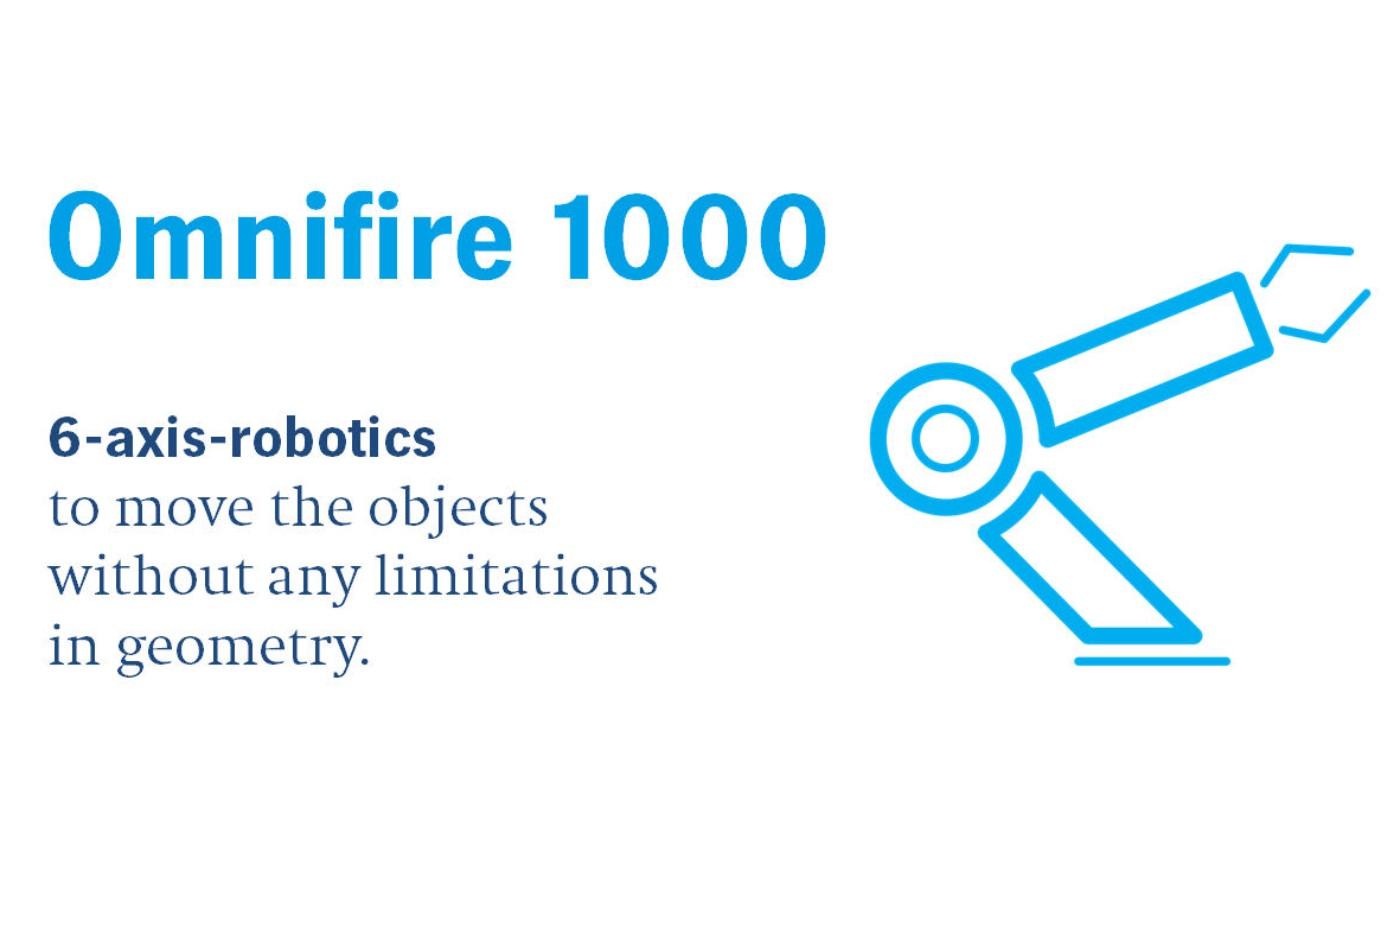 omnifire-1000-de